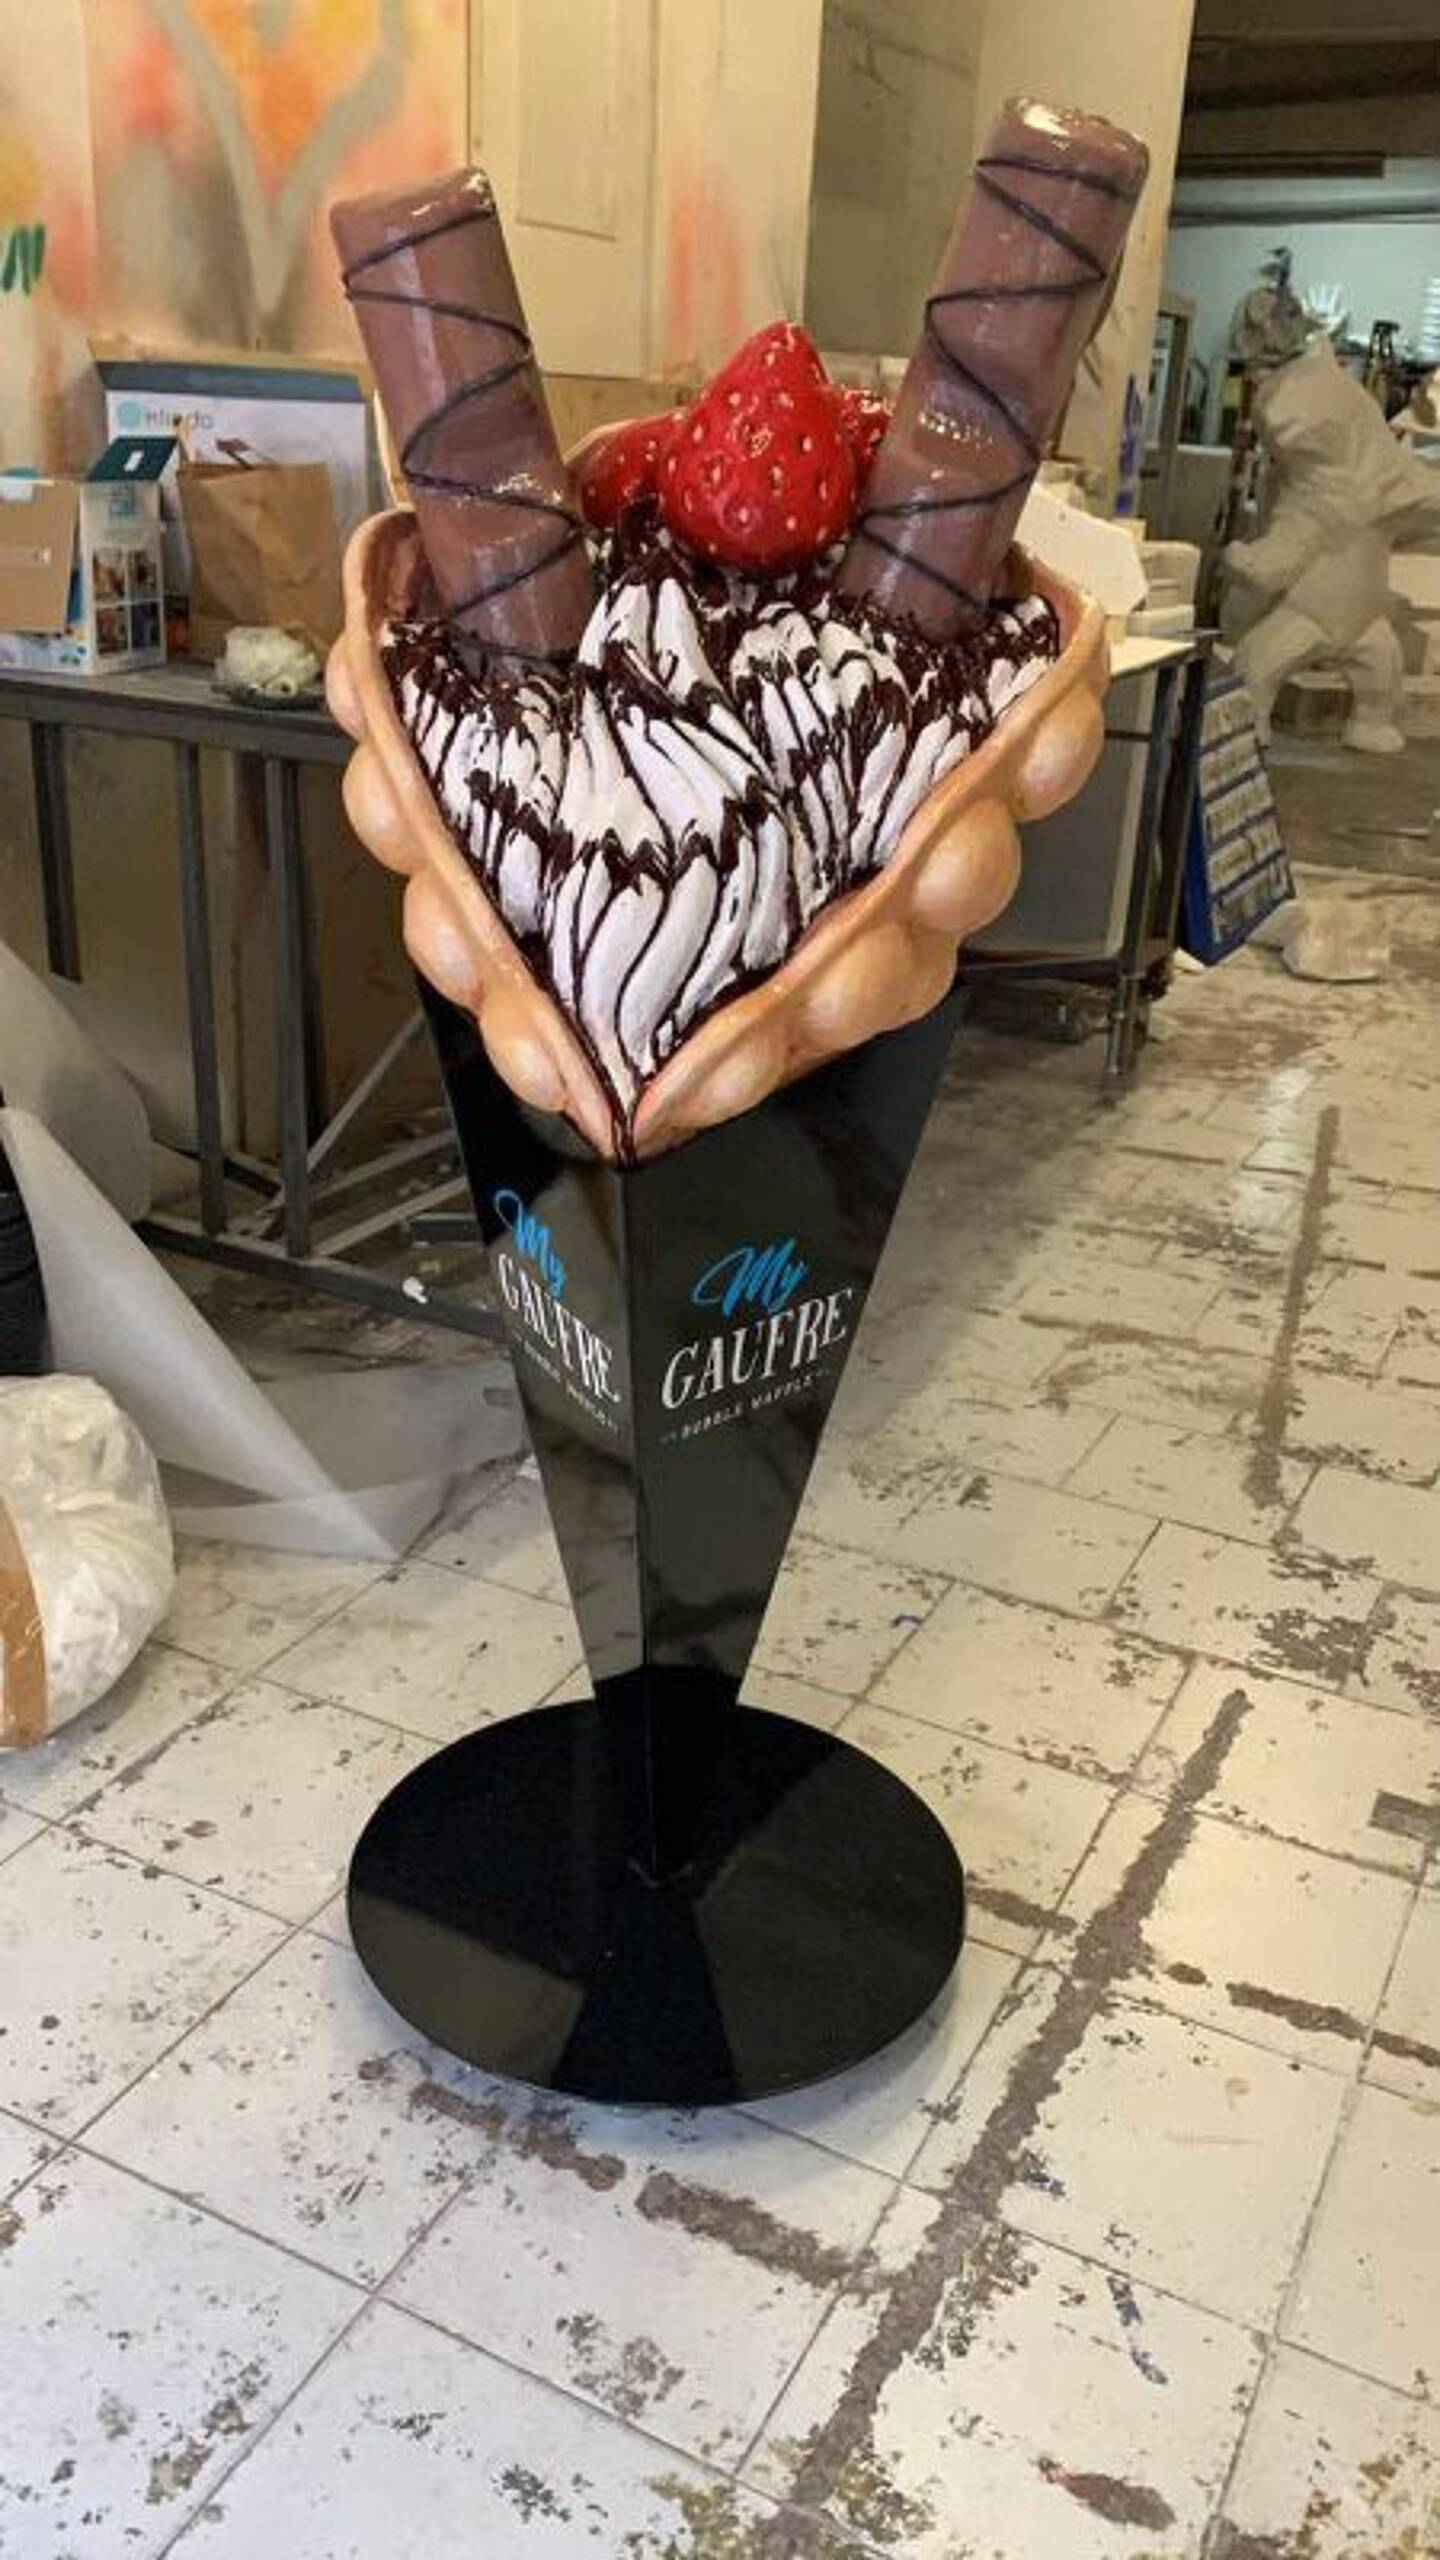 L'entreprise My Gaufre à Nice s'est fait voler sa mascotte, dans la nuit de lundi à mardi.